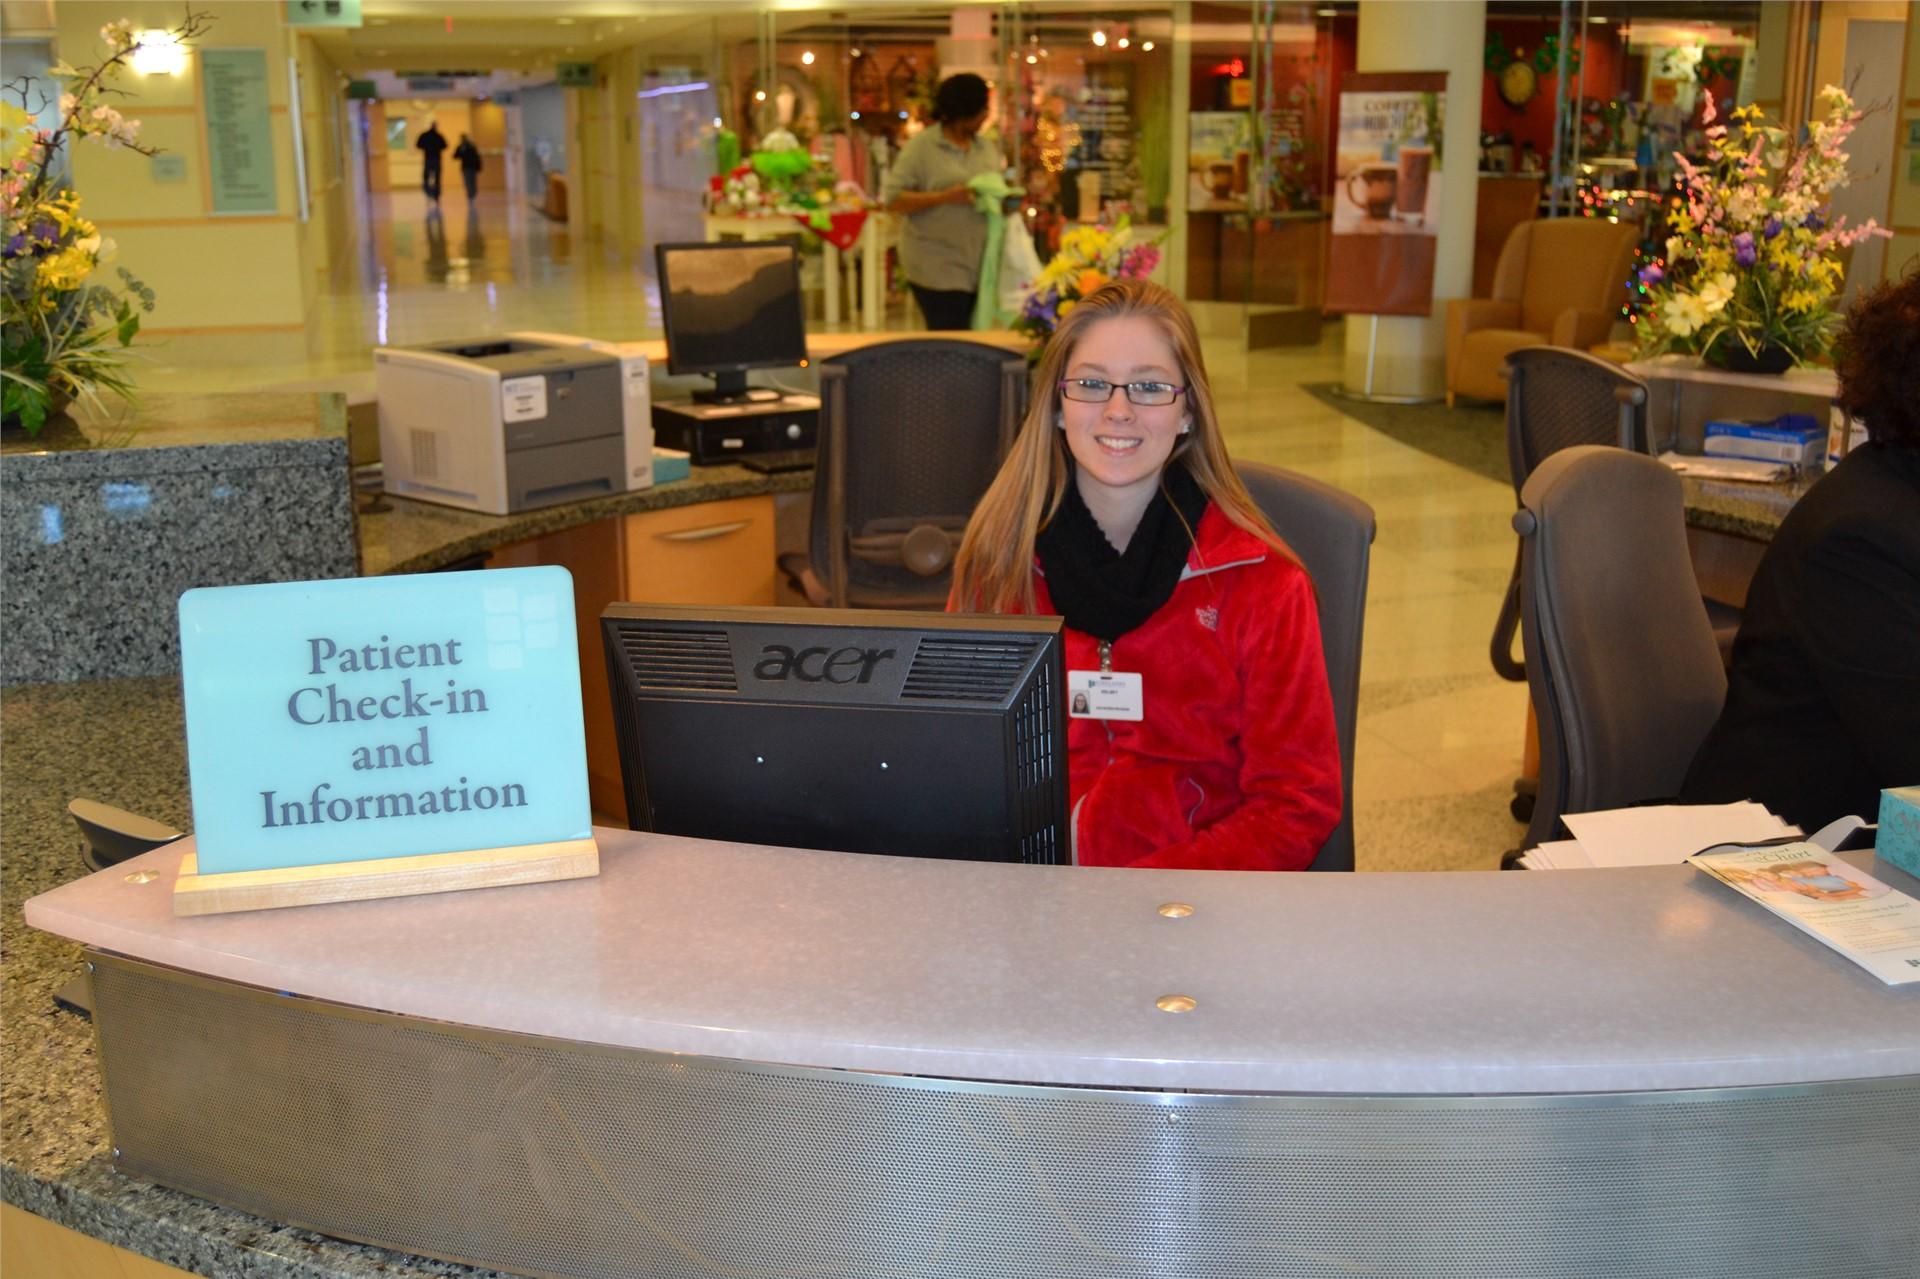 Student interning at reception desk